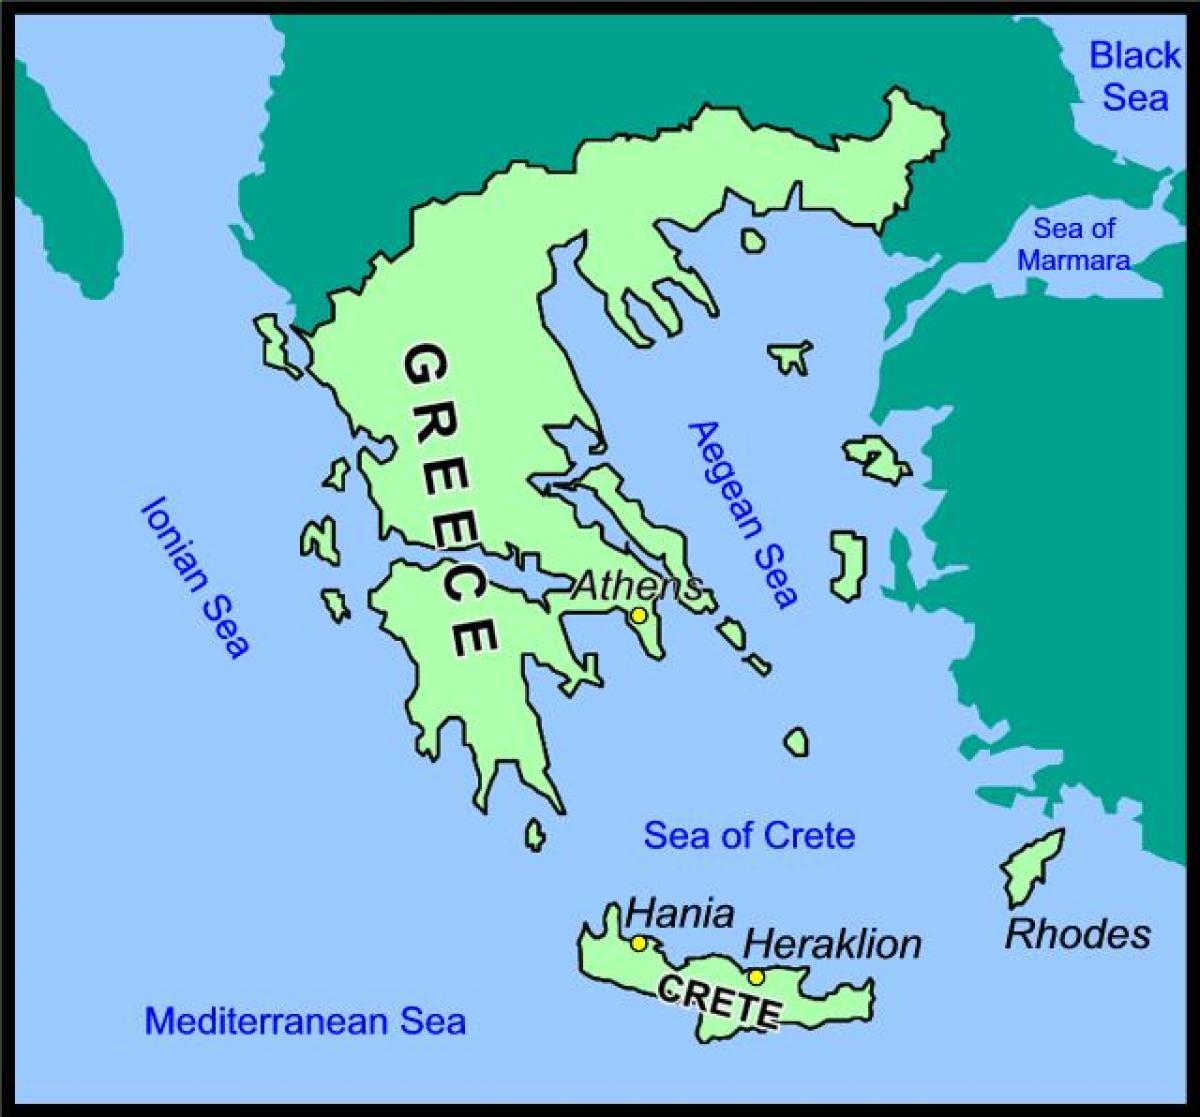 Griechenland Karte Kreta.Kreta Griechenland Karte Karte Von Kreta Und Griechenland